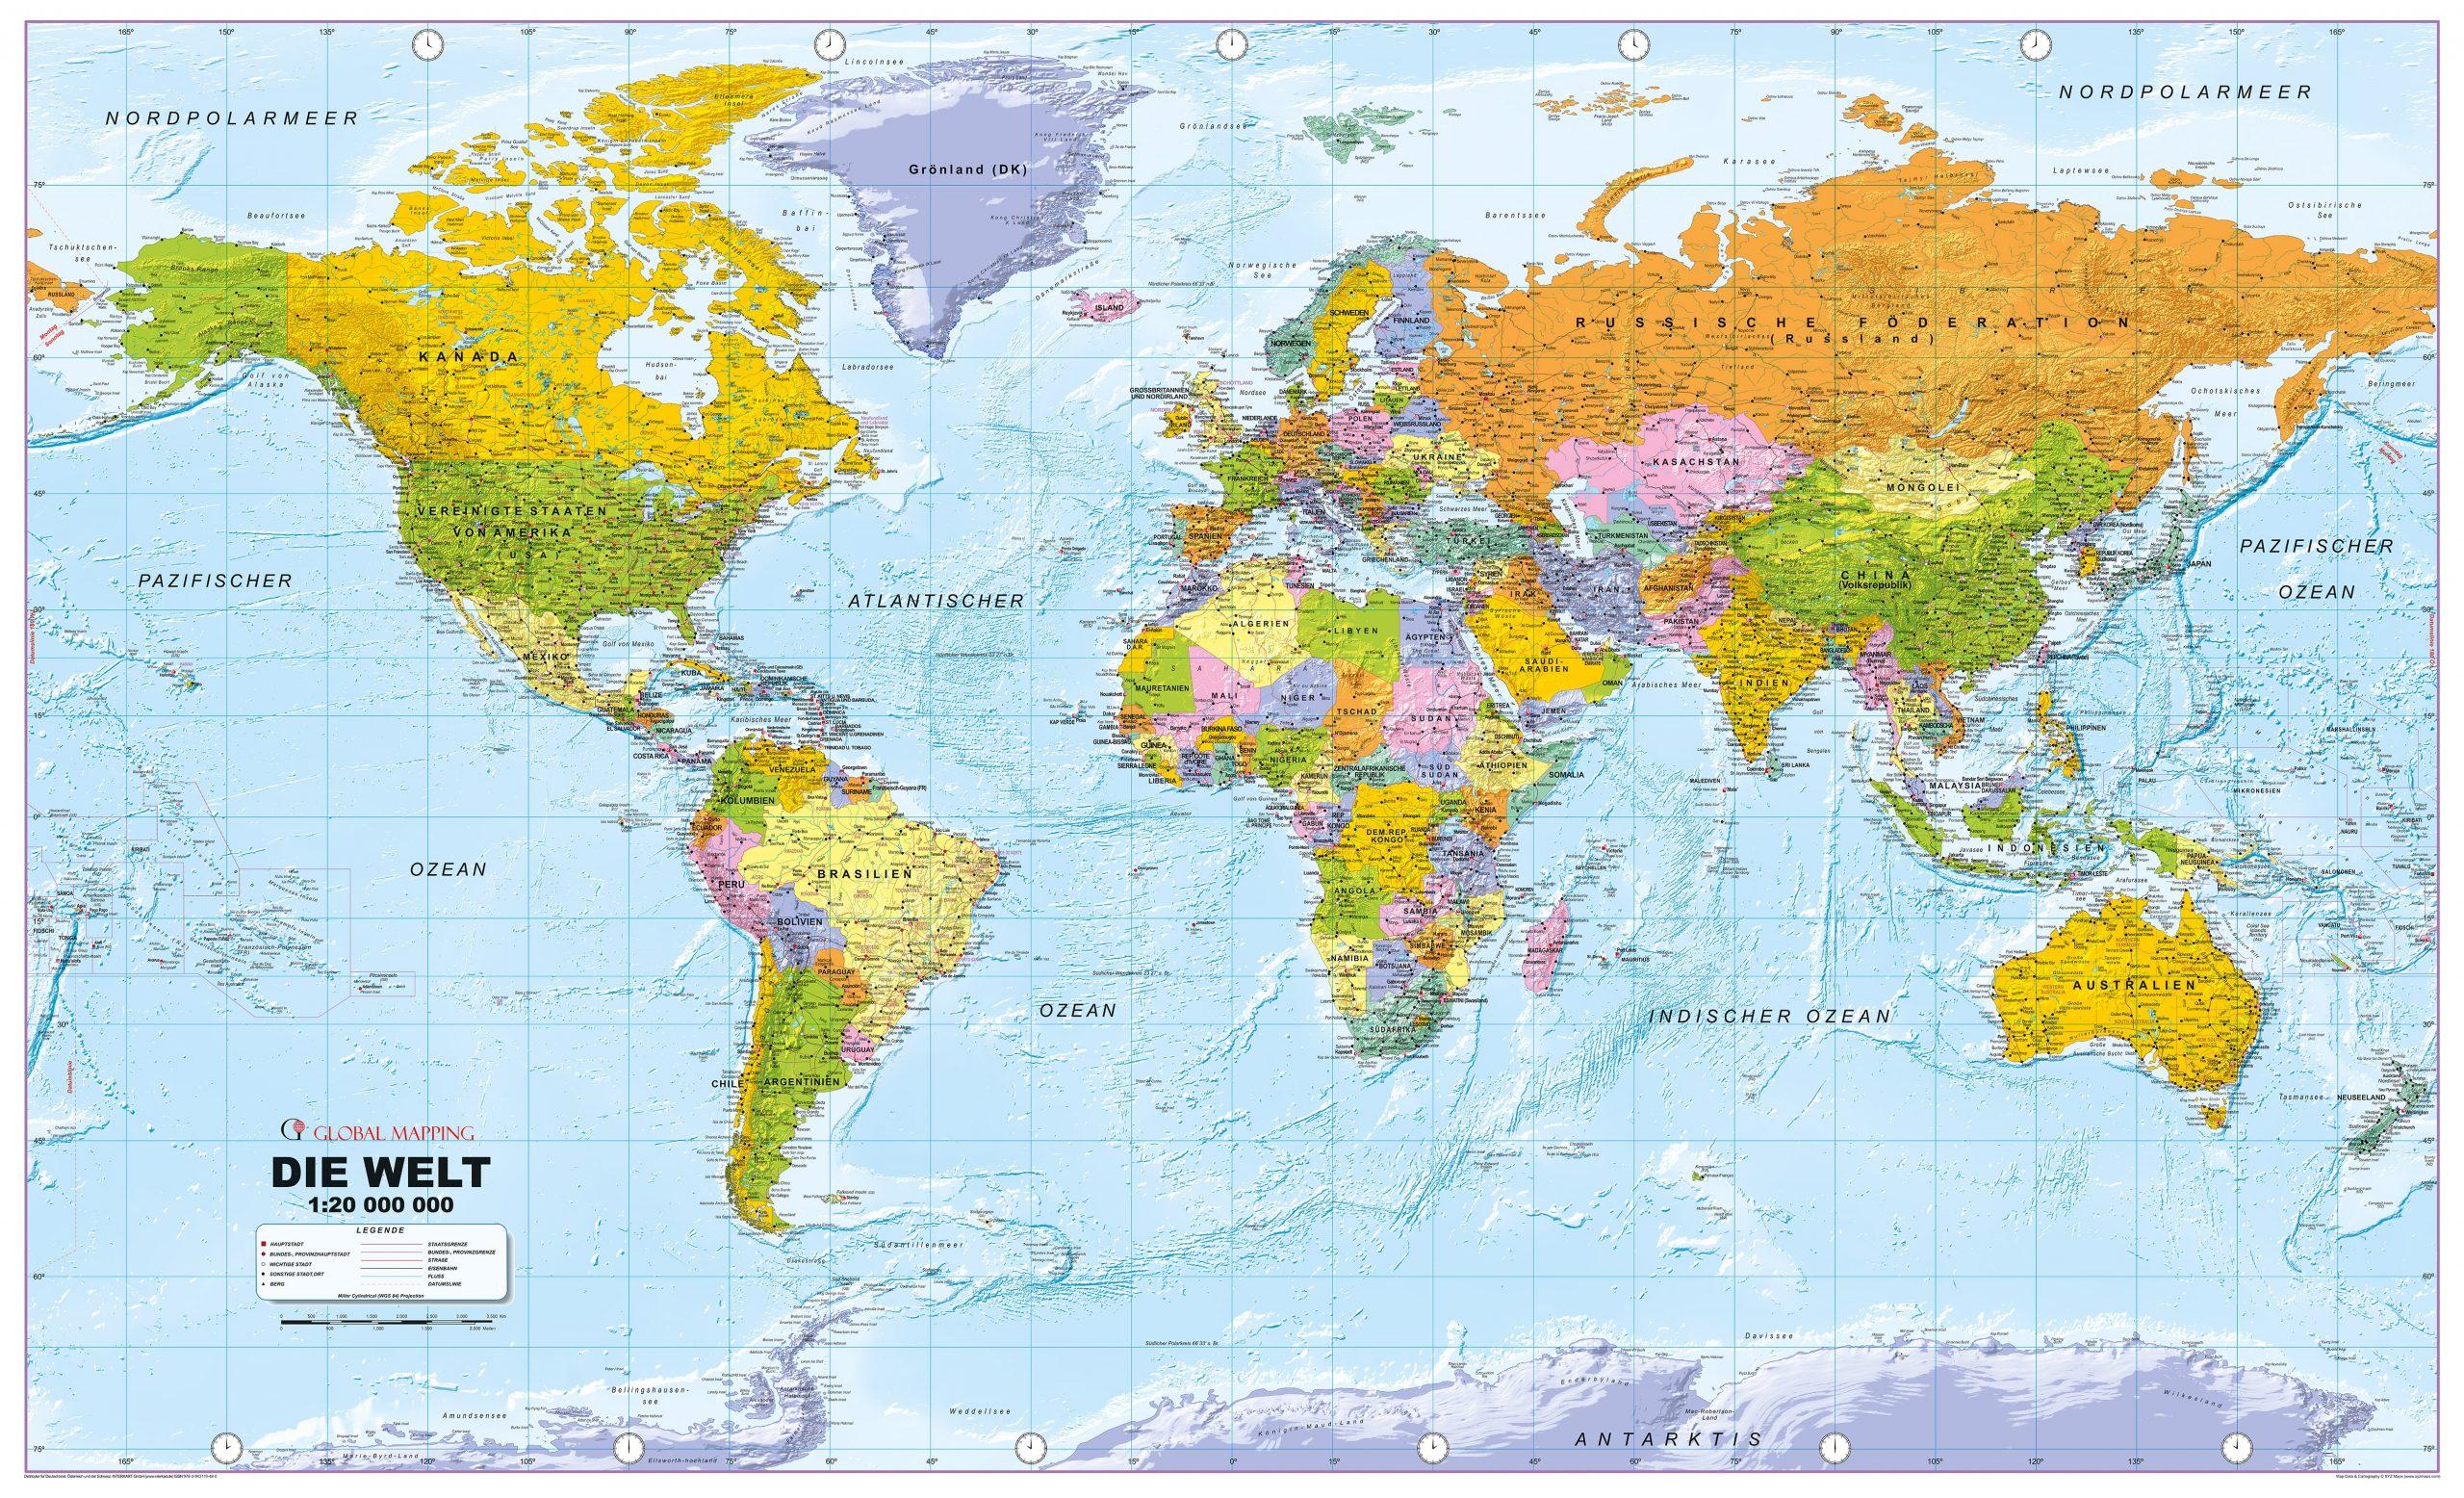 Politische Weltkarte In Deutscher Sprache 1:20Mio 192 X 122Cm über Weltkarte Länder Beschriftet